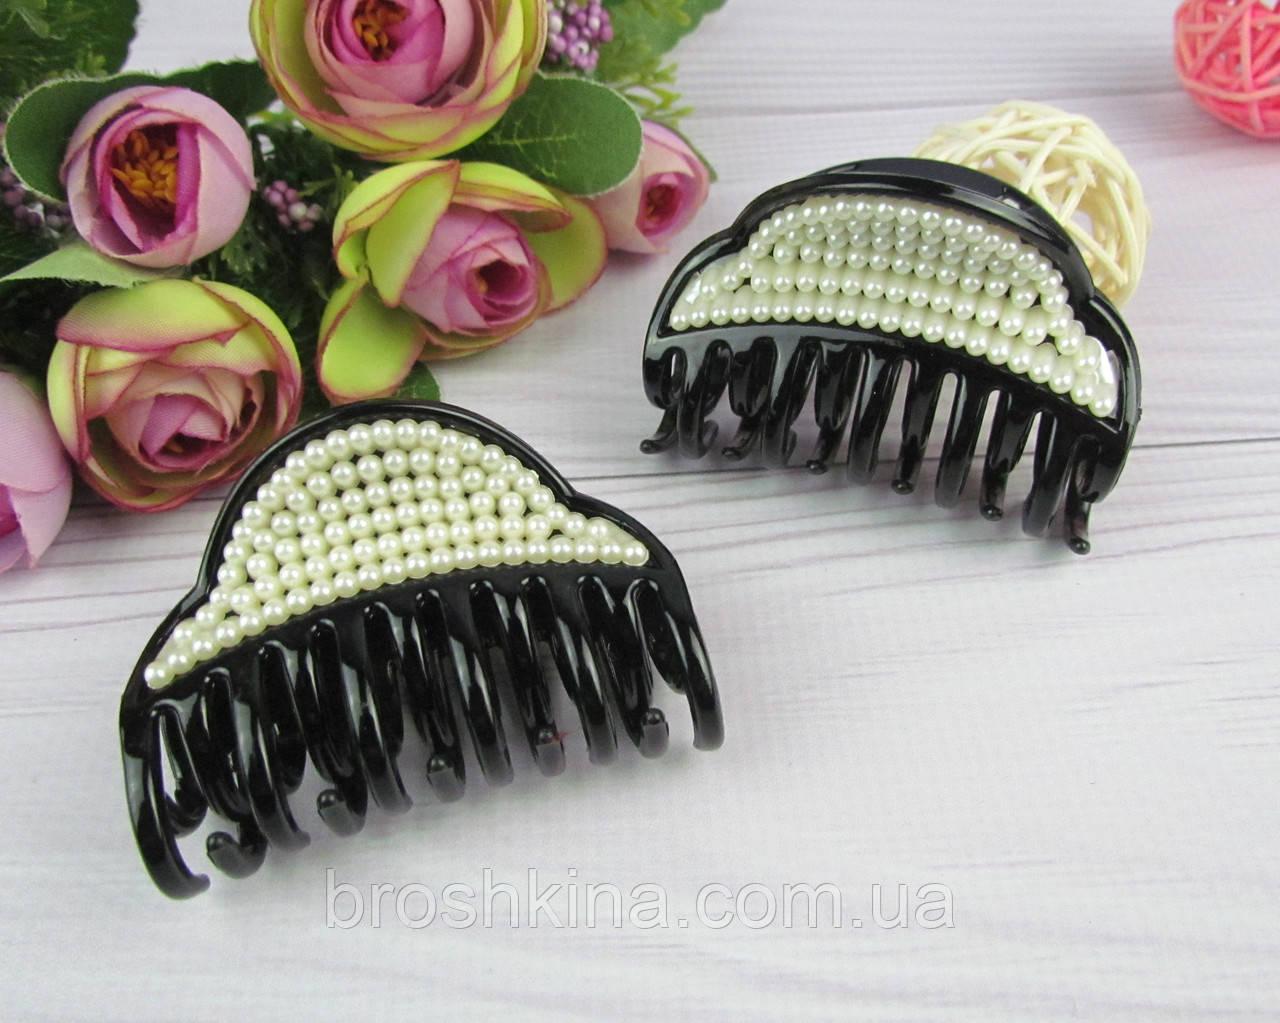 Крабы для волос пластик  с жемчугом L 6.5 см 12 шт/уп.